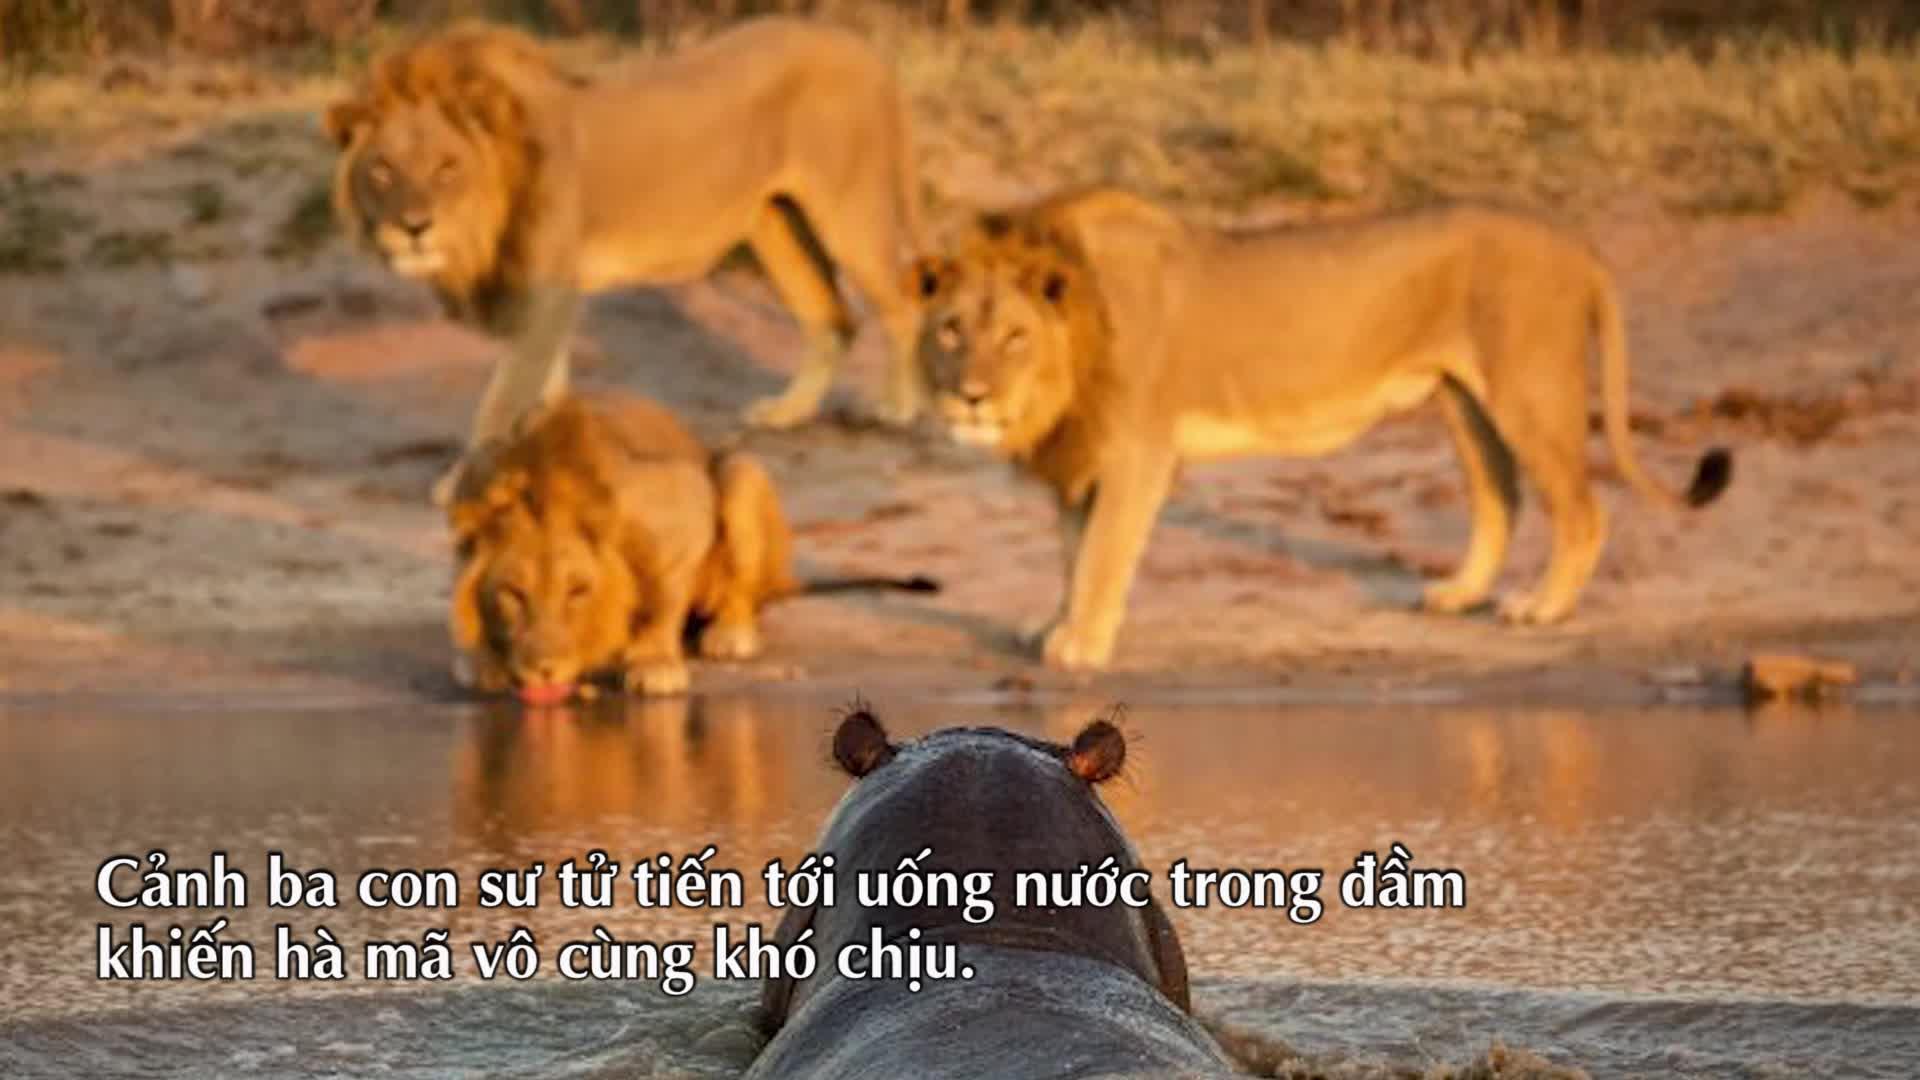 Thế giới động vật: 3 con sư tử chạy biến khi gặp hà mã